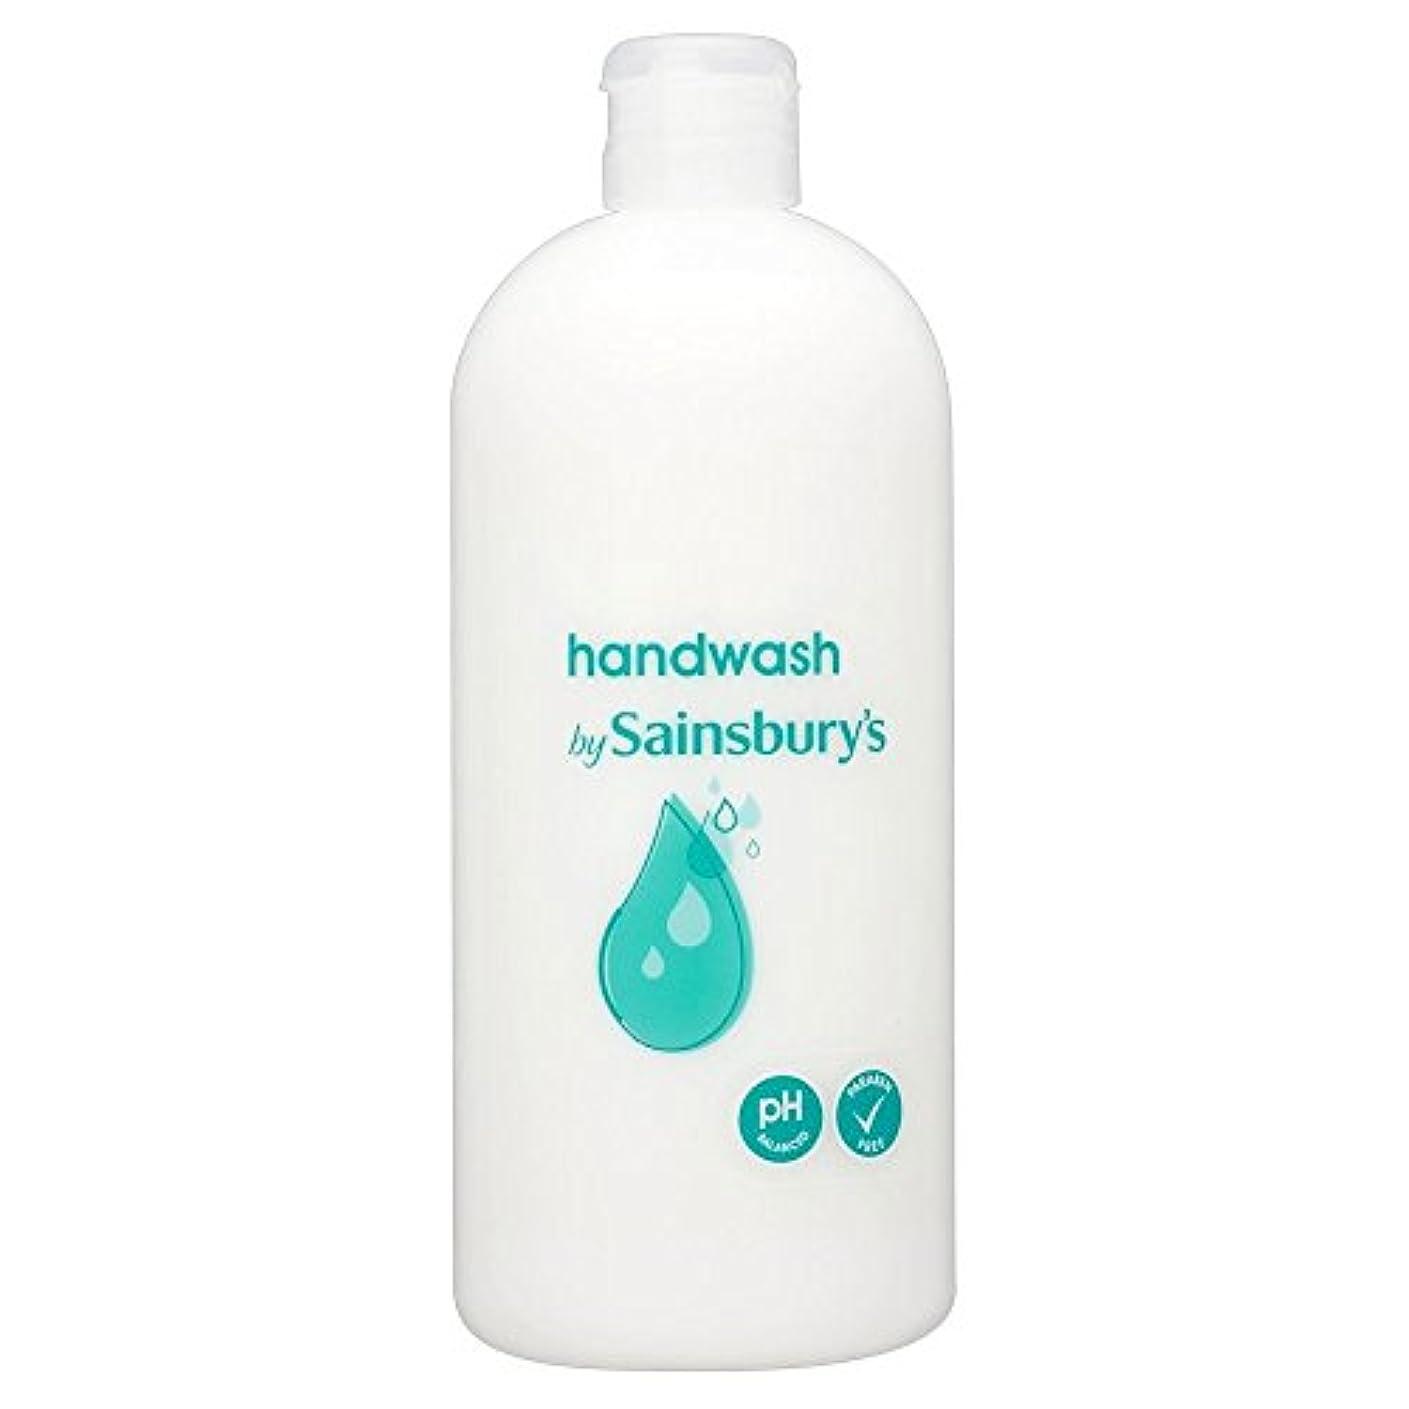 ピストン軍抗生物質Sainsbury's Handwash, White Refill 500ml (Pack of 6) - (Sainsbury's) 手洗い、白リフィル500ミリリットル (x6) [並行輸入品]